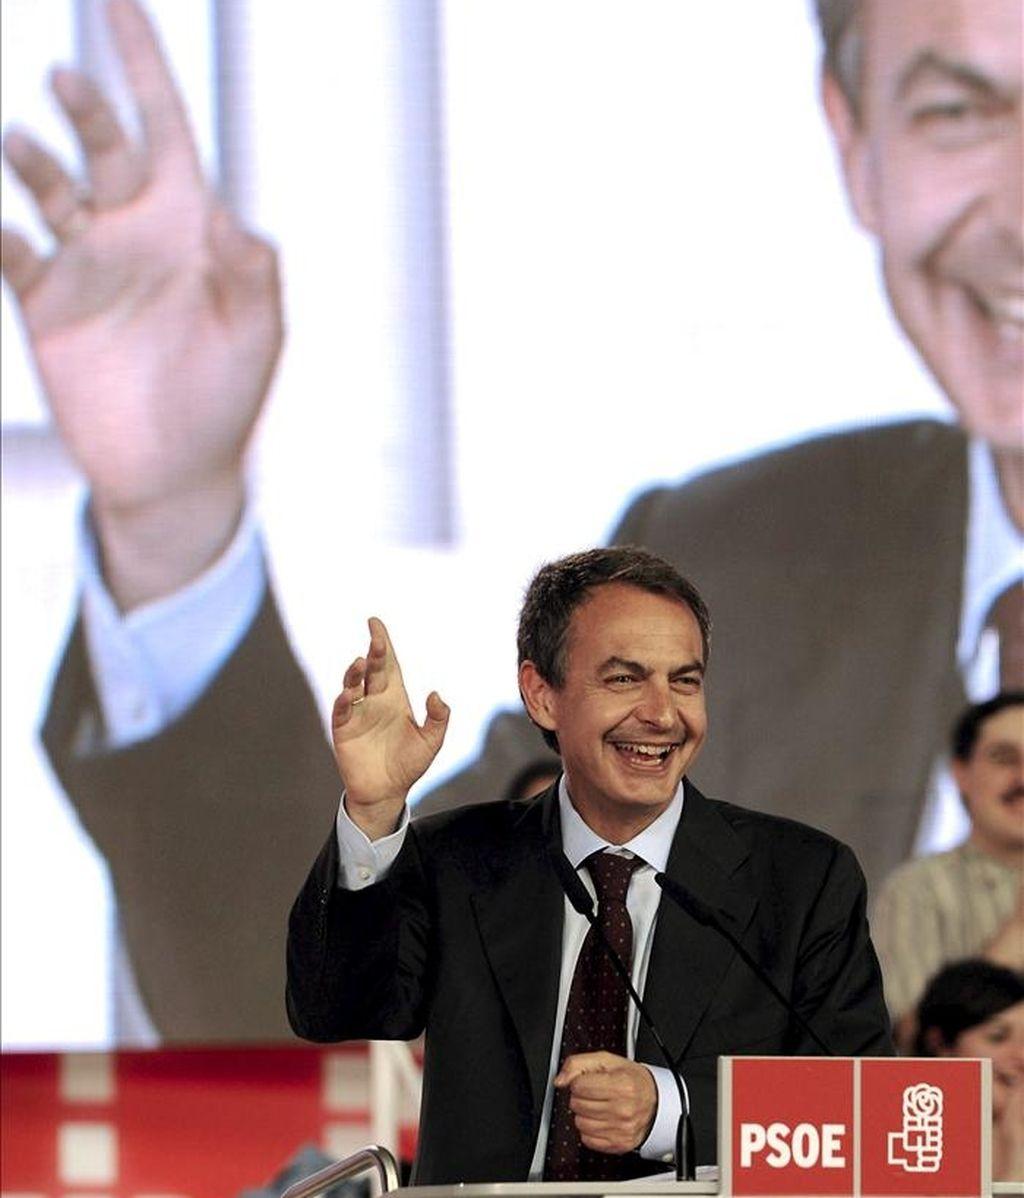 El presidente del Gobierno y secretario general del PSOE, José Luis Rodríguez Zapatero, durante una intervención en un mitin de campaña. EFE/Archivo